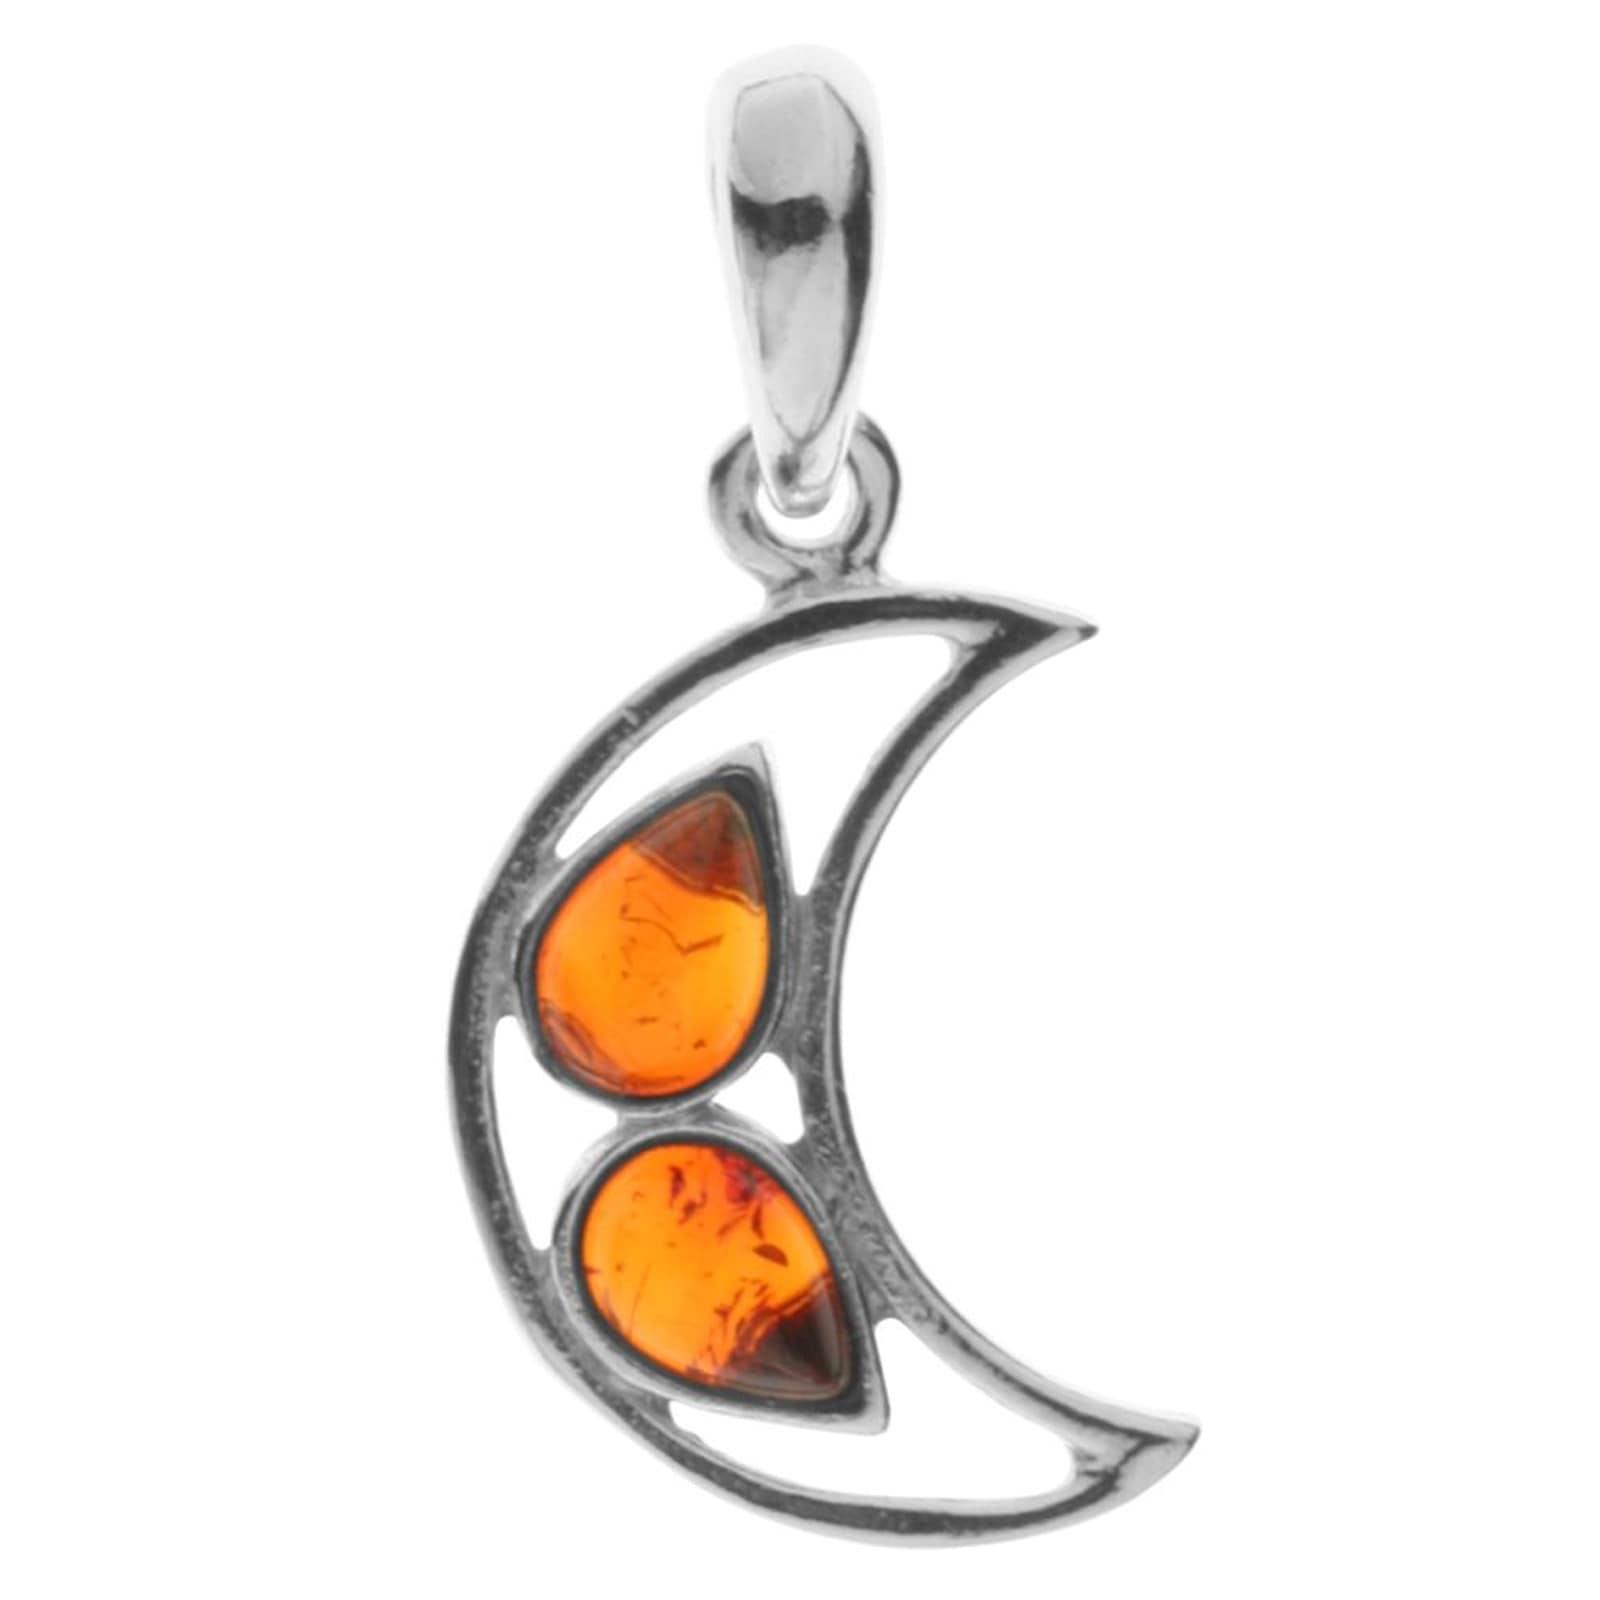 OSTSEE-SCHMUCK Kettenanhänger Mond Silber 925/000 Bernstein   Schmuck > Halsketten > Silberketten   Ostsee-Schmuck